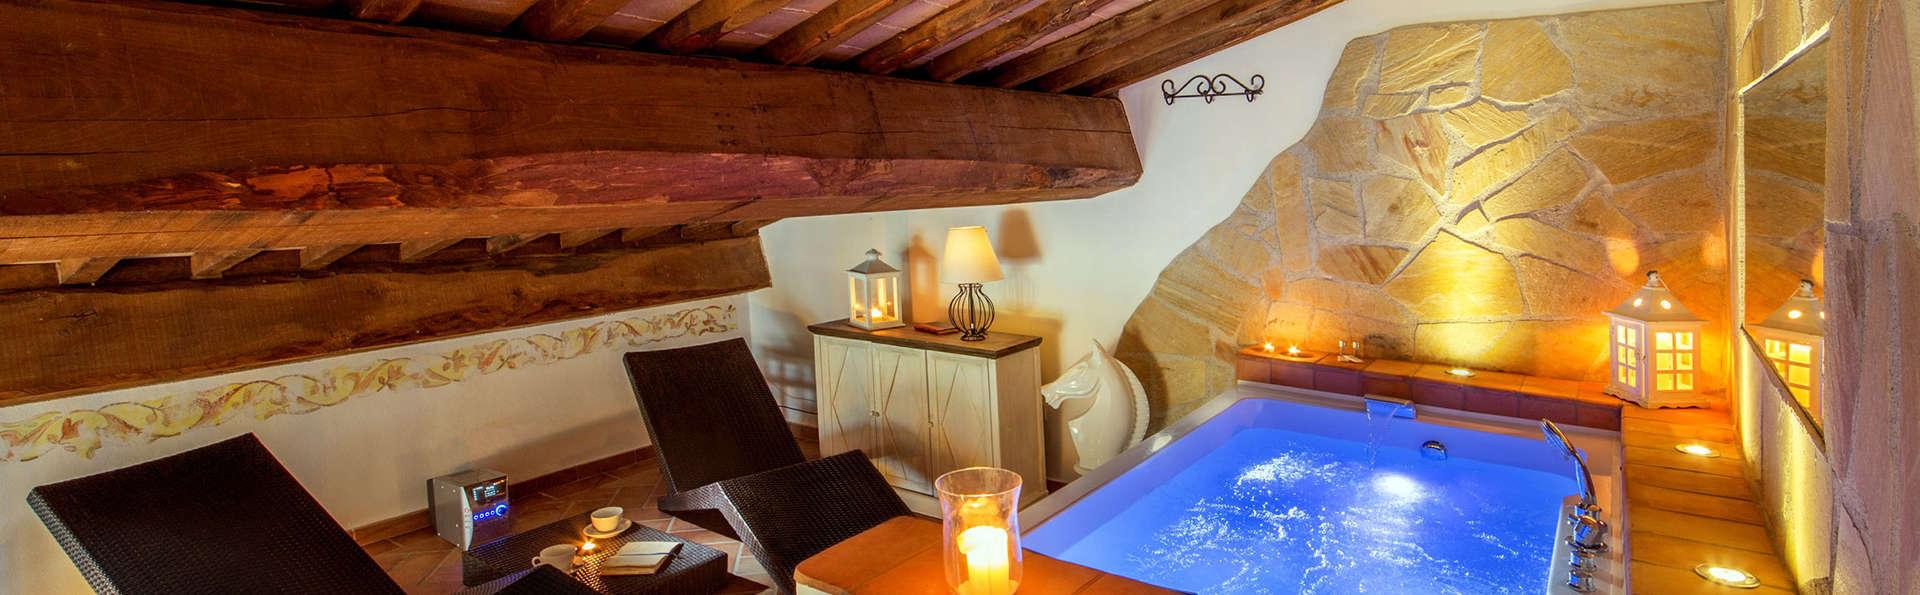 Week-end en Toscane, avec baignoire à hydromassage en chambre et champagne à l'arrivée !